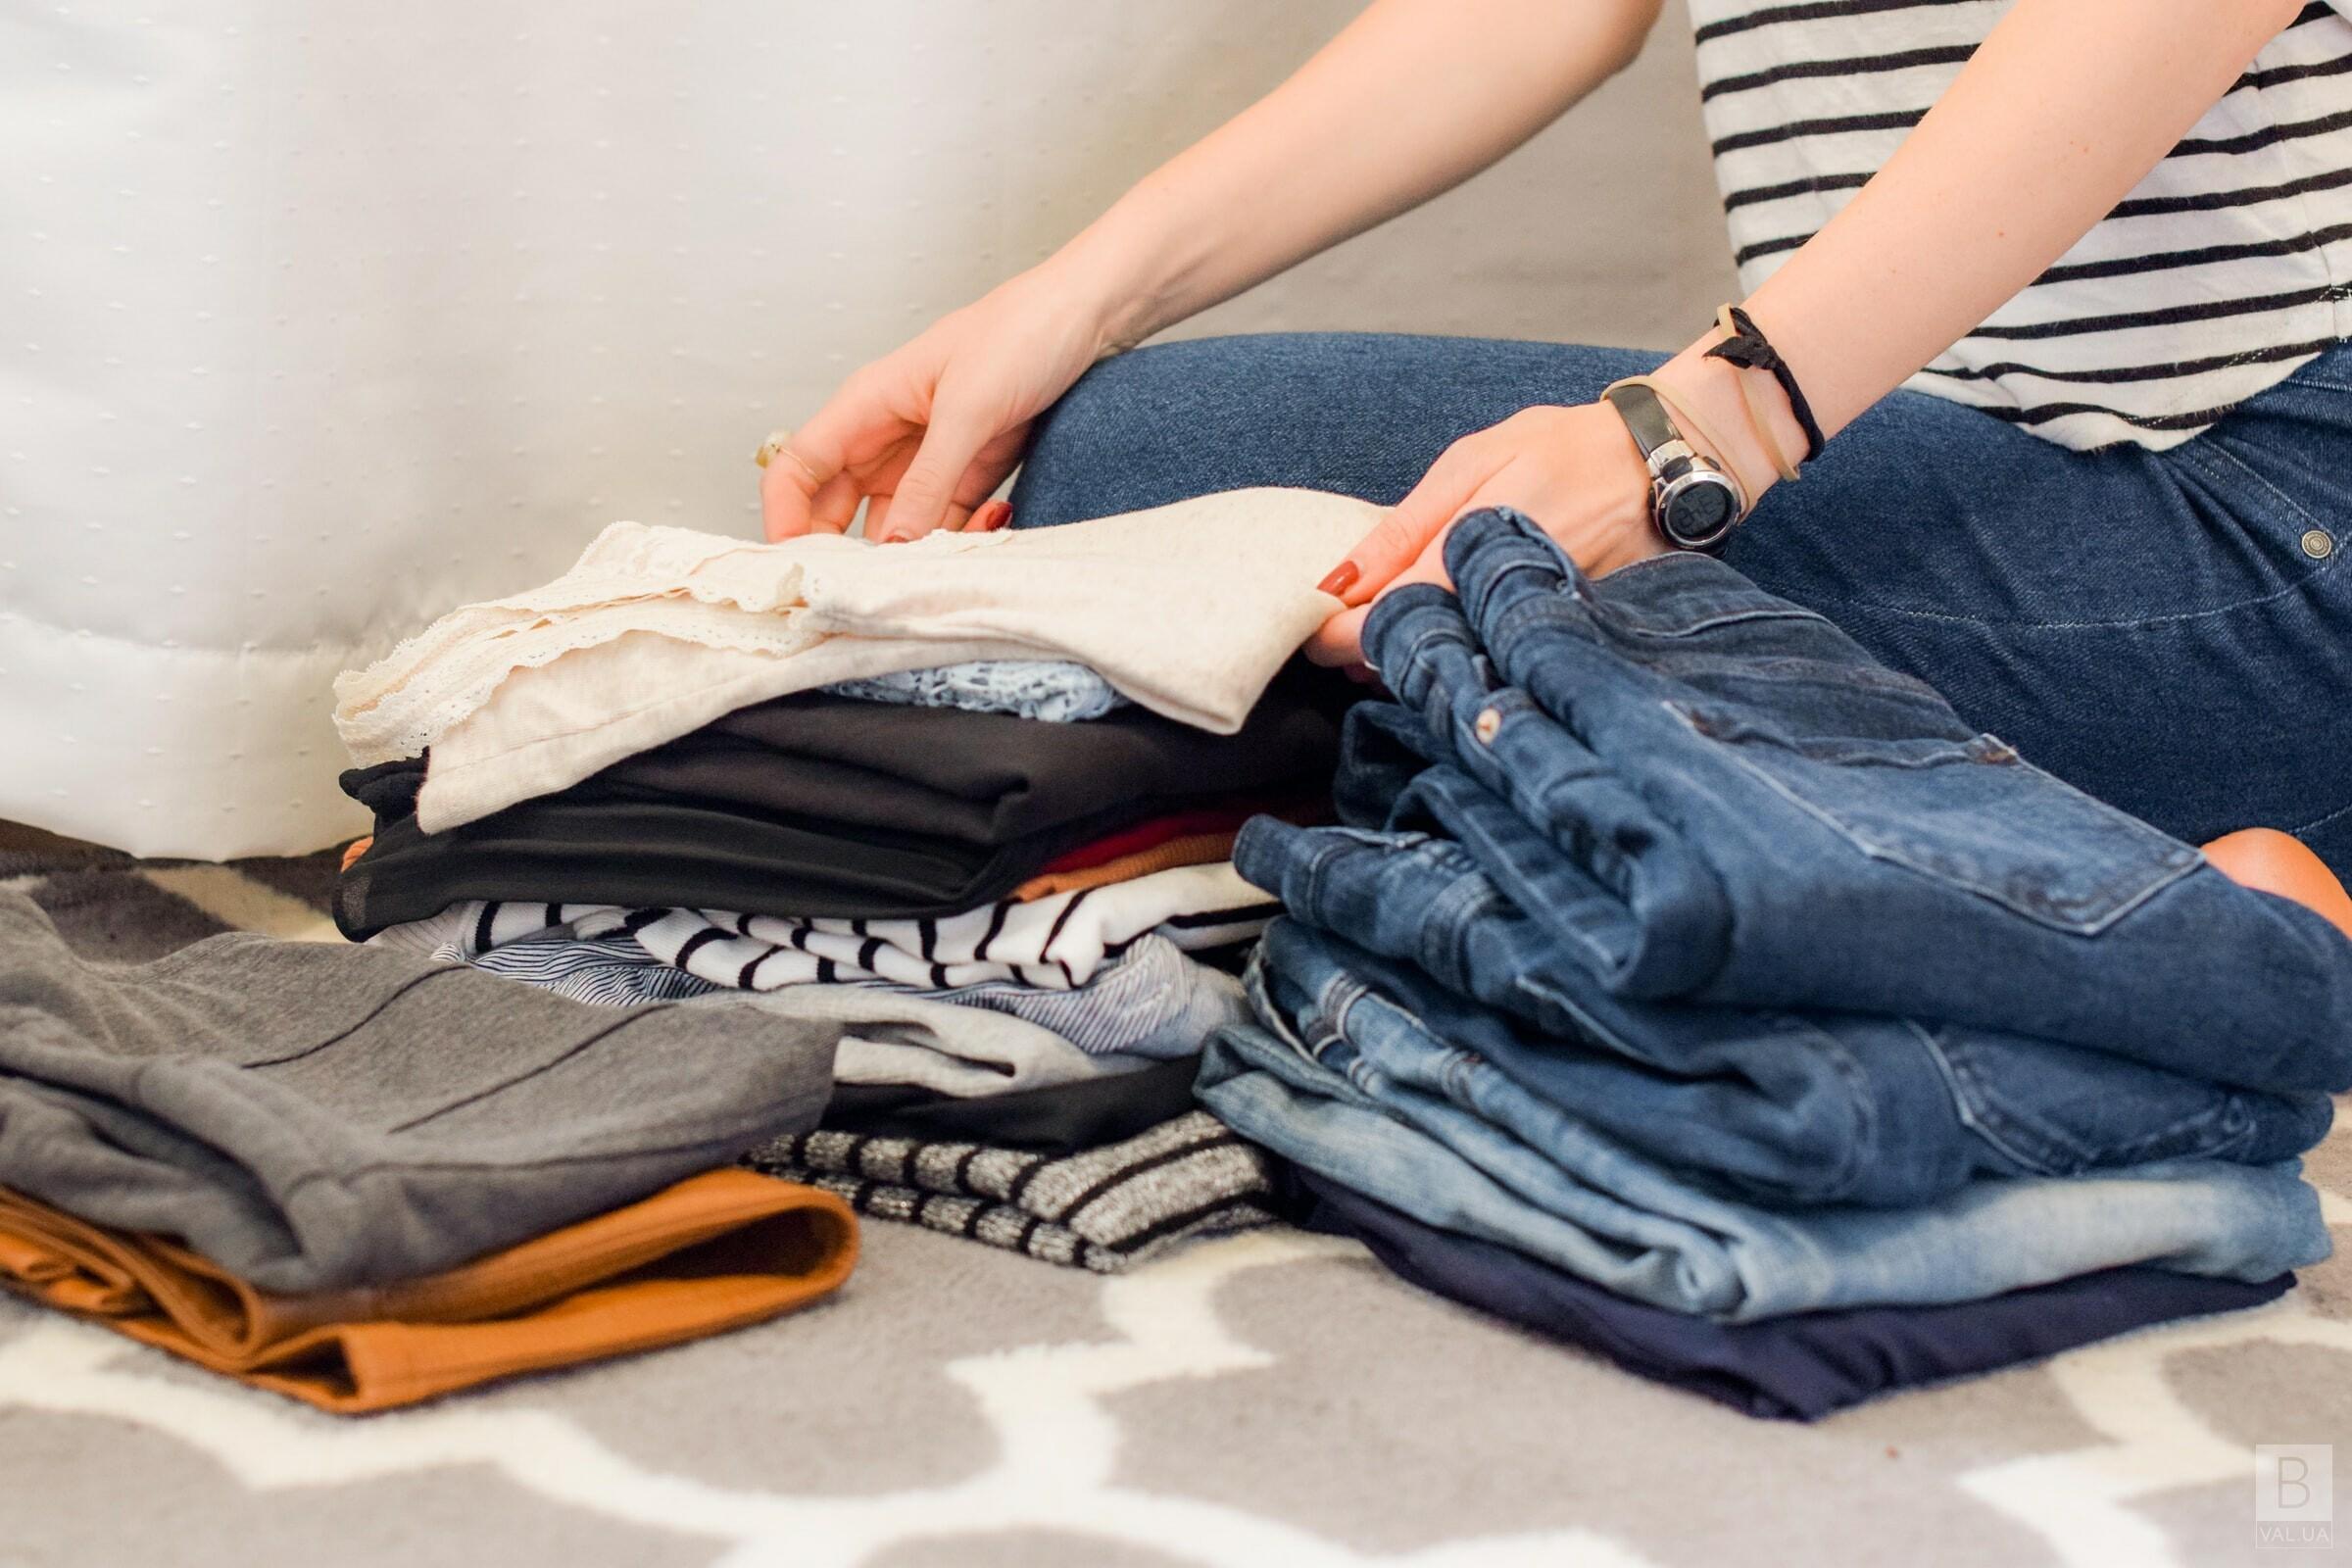 У Носівці відкрили «банк одягу»: небайдужих просять доєднатися до збору речей